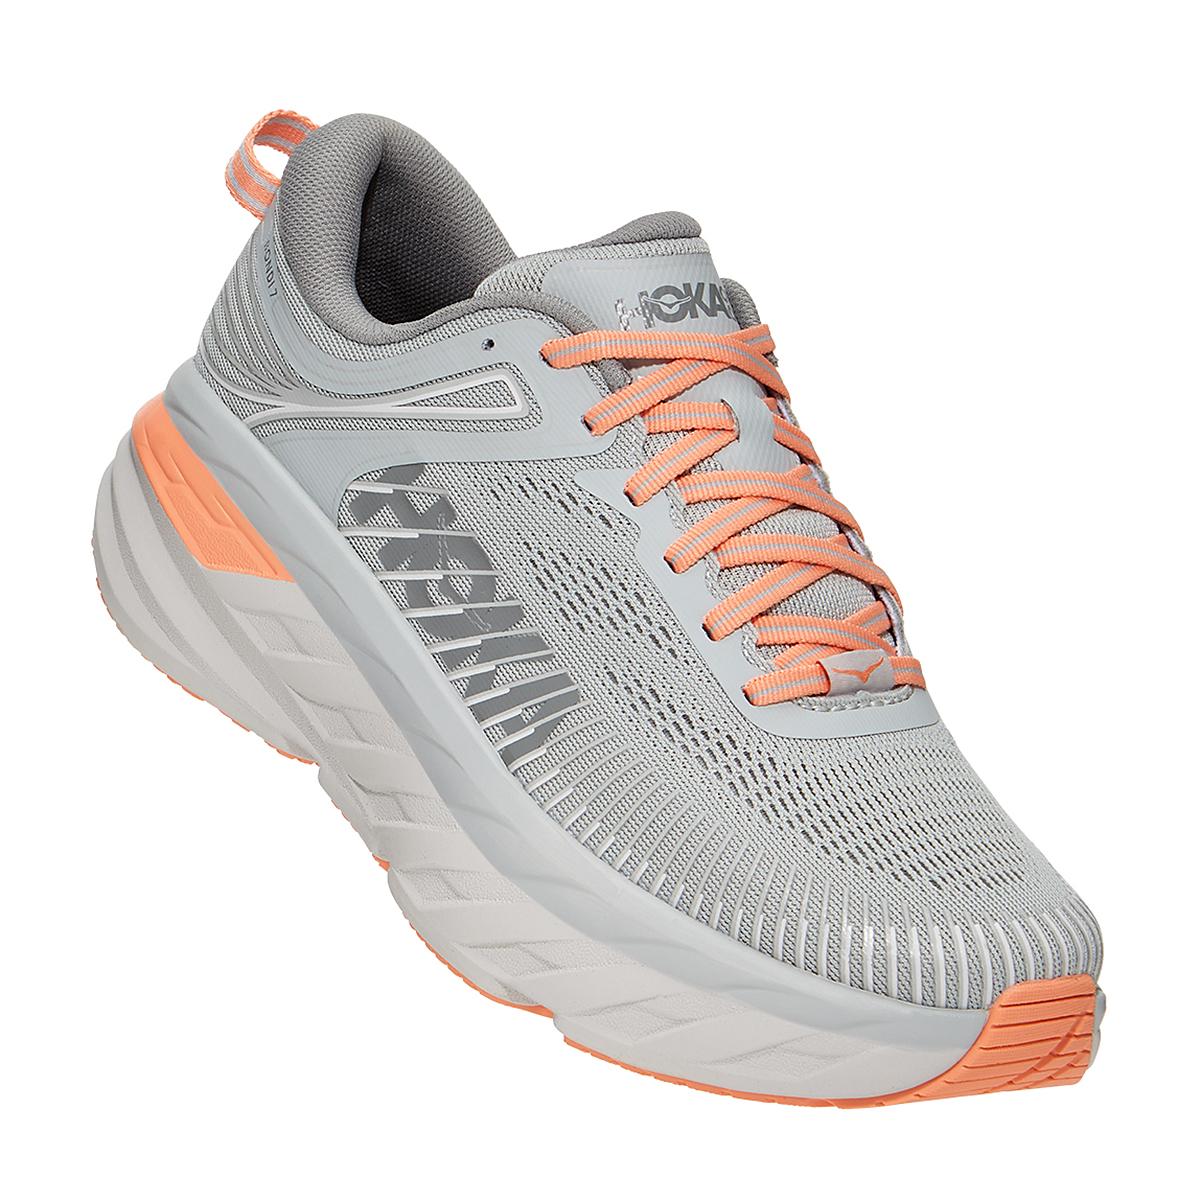 Women's Hoka One One Bondi 7 Running Shoe - Color: Harbor Mist/Sharkskin - Size: 5 - Width: Regular, Harbor Mist/Sharkskin, large, image 1